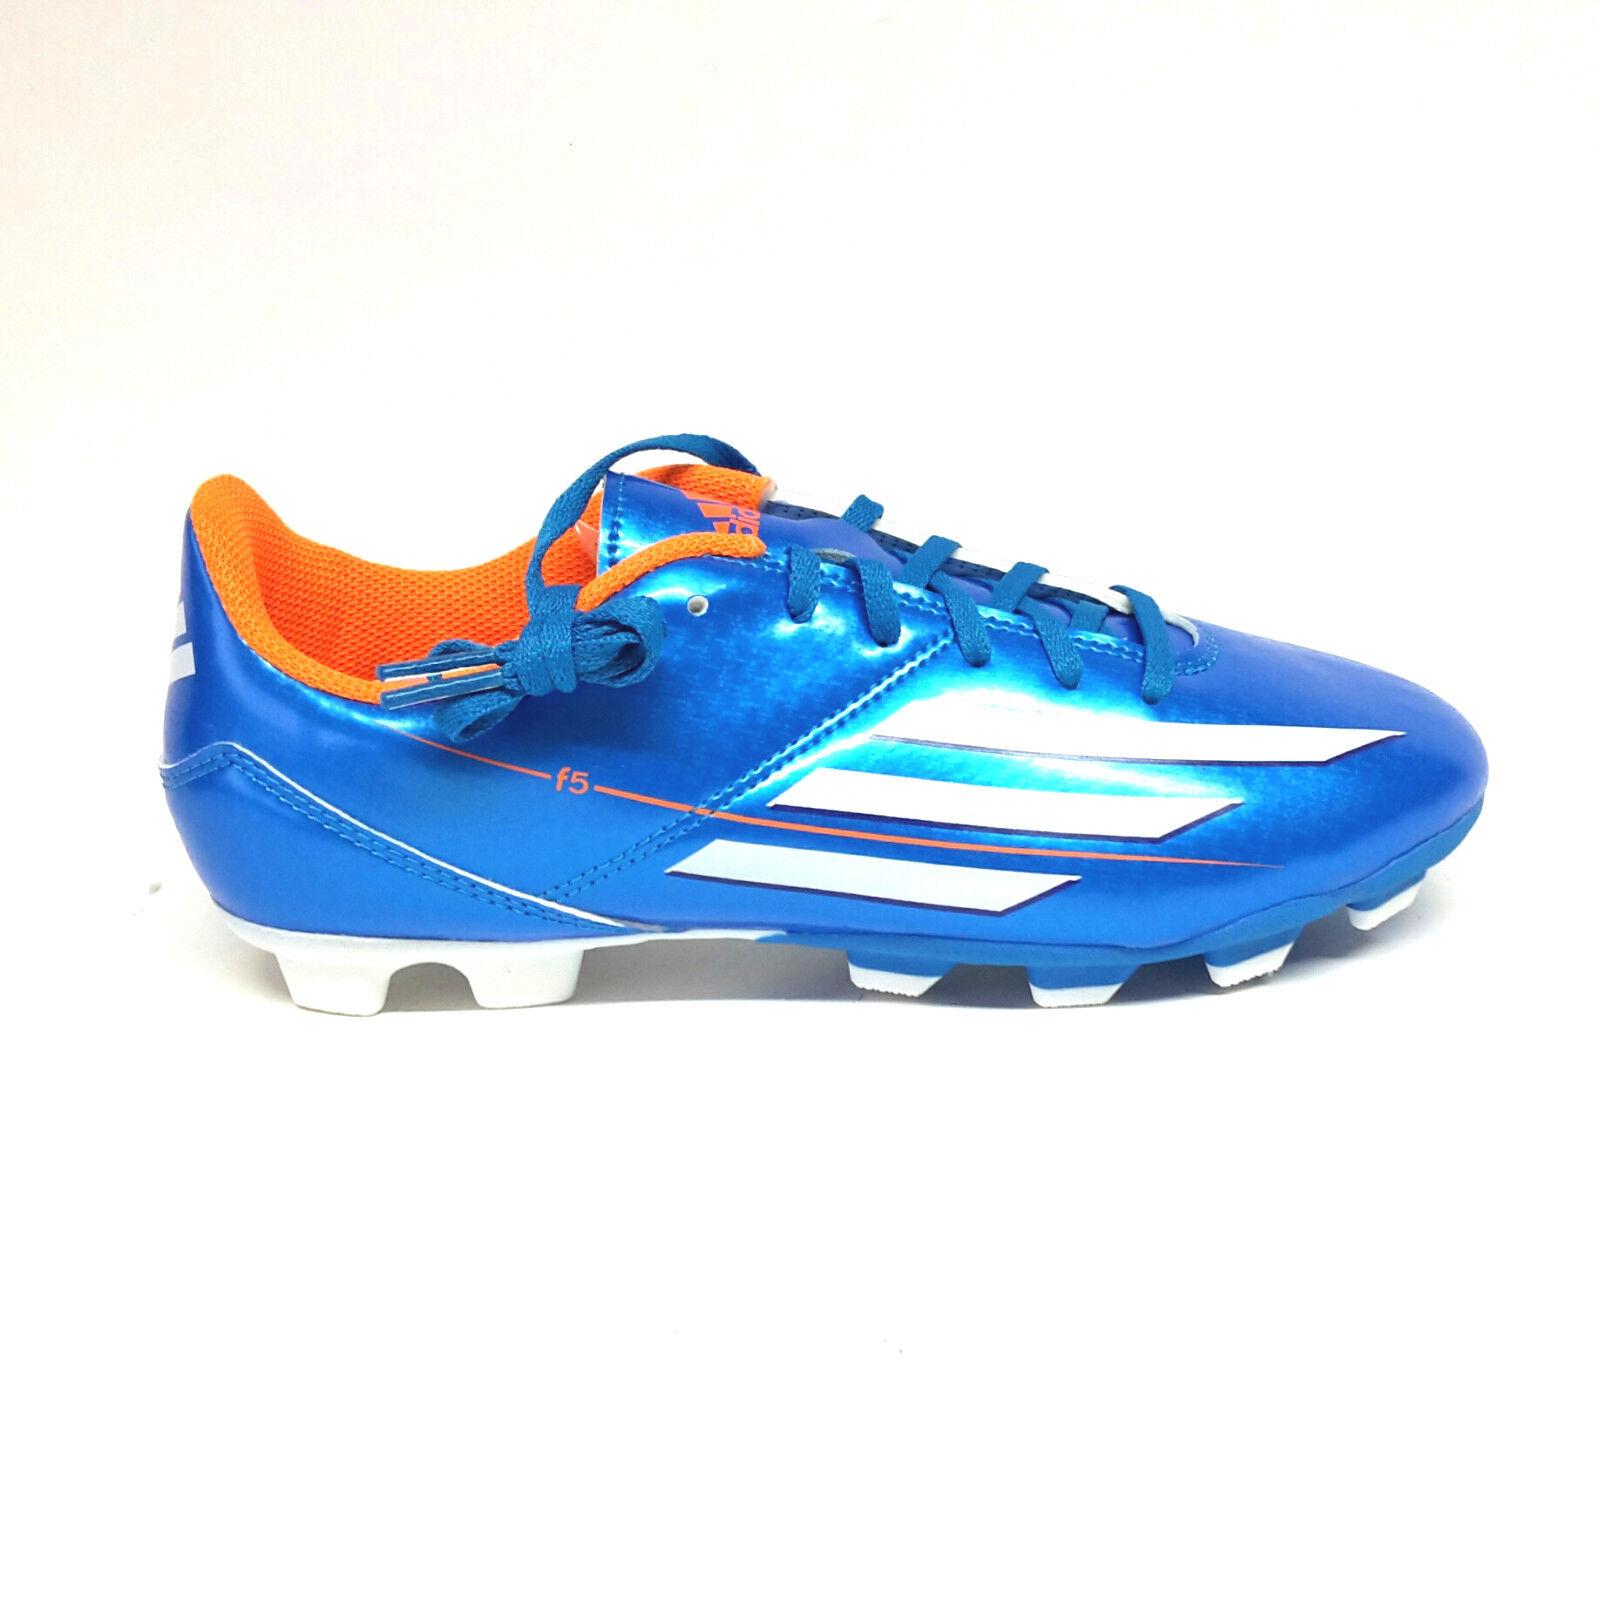 F5 adidas TRX FG junior Soquí Soquí Soquí Soccer zapatos de fútbol talla 38 2 3 levas azul ba2a87